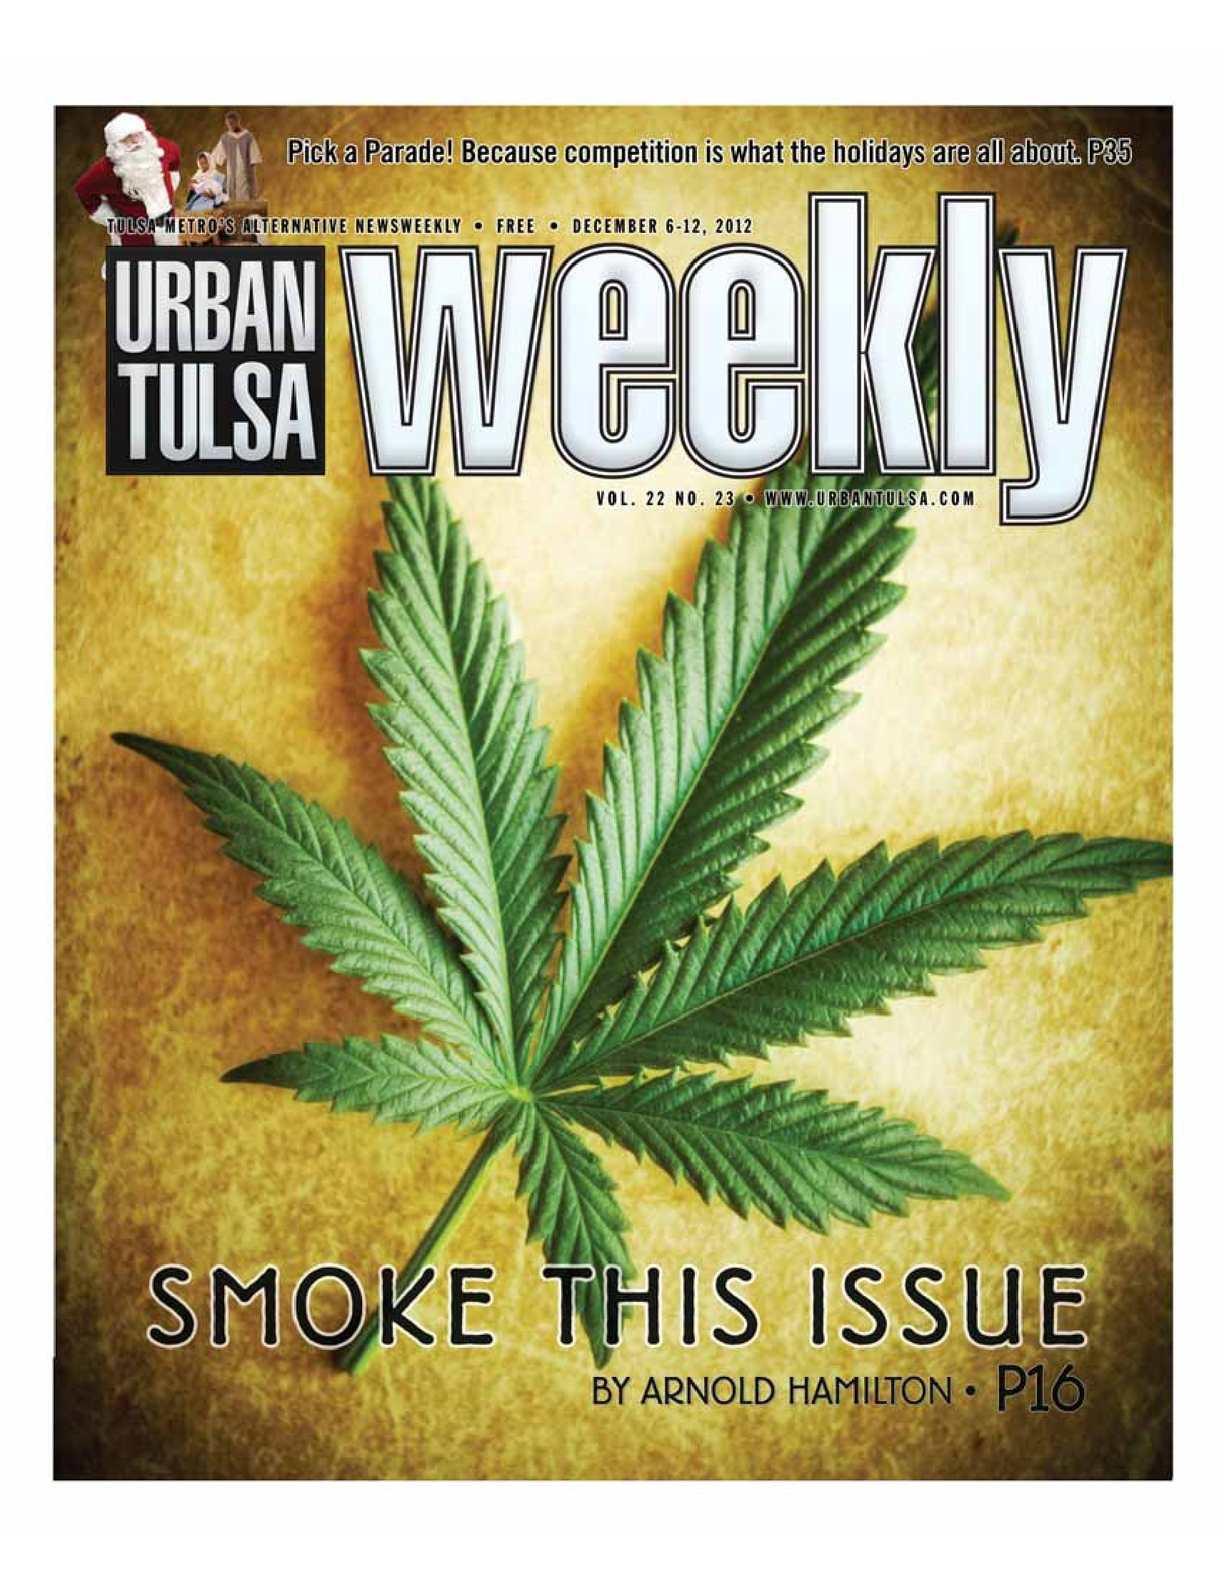 9205d5b6ad4d7a Calaméo - Urban Tulsa Weekly 6-12 December 2012